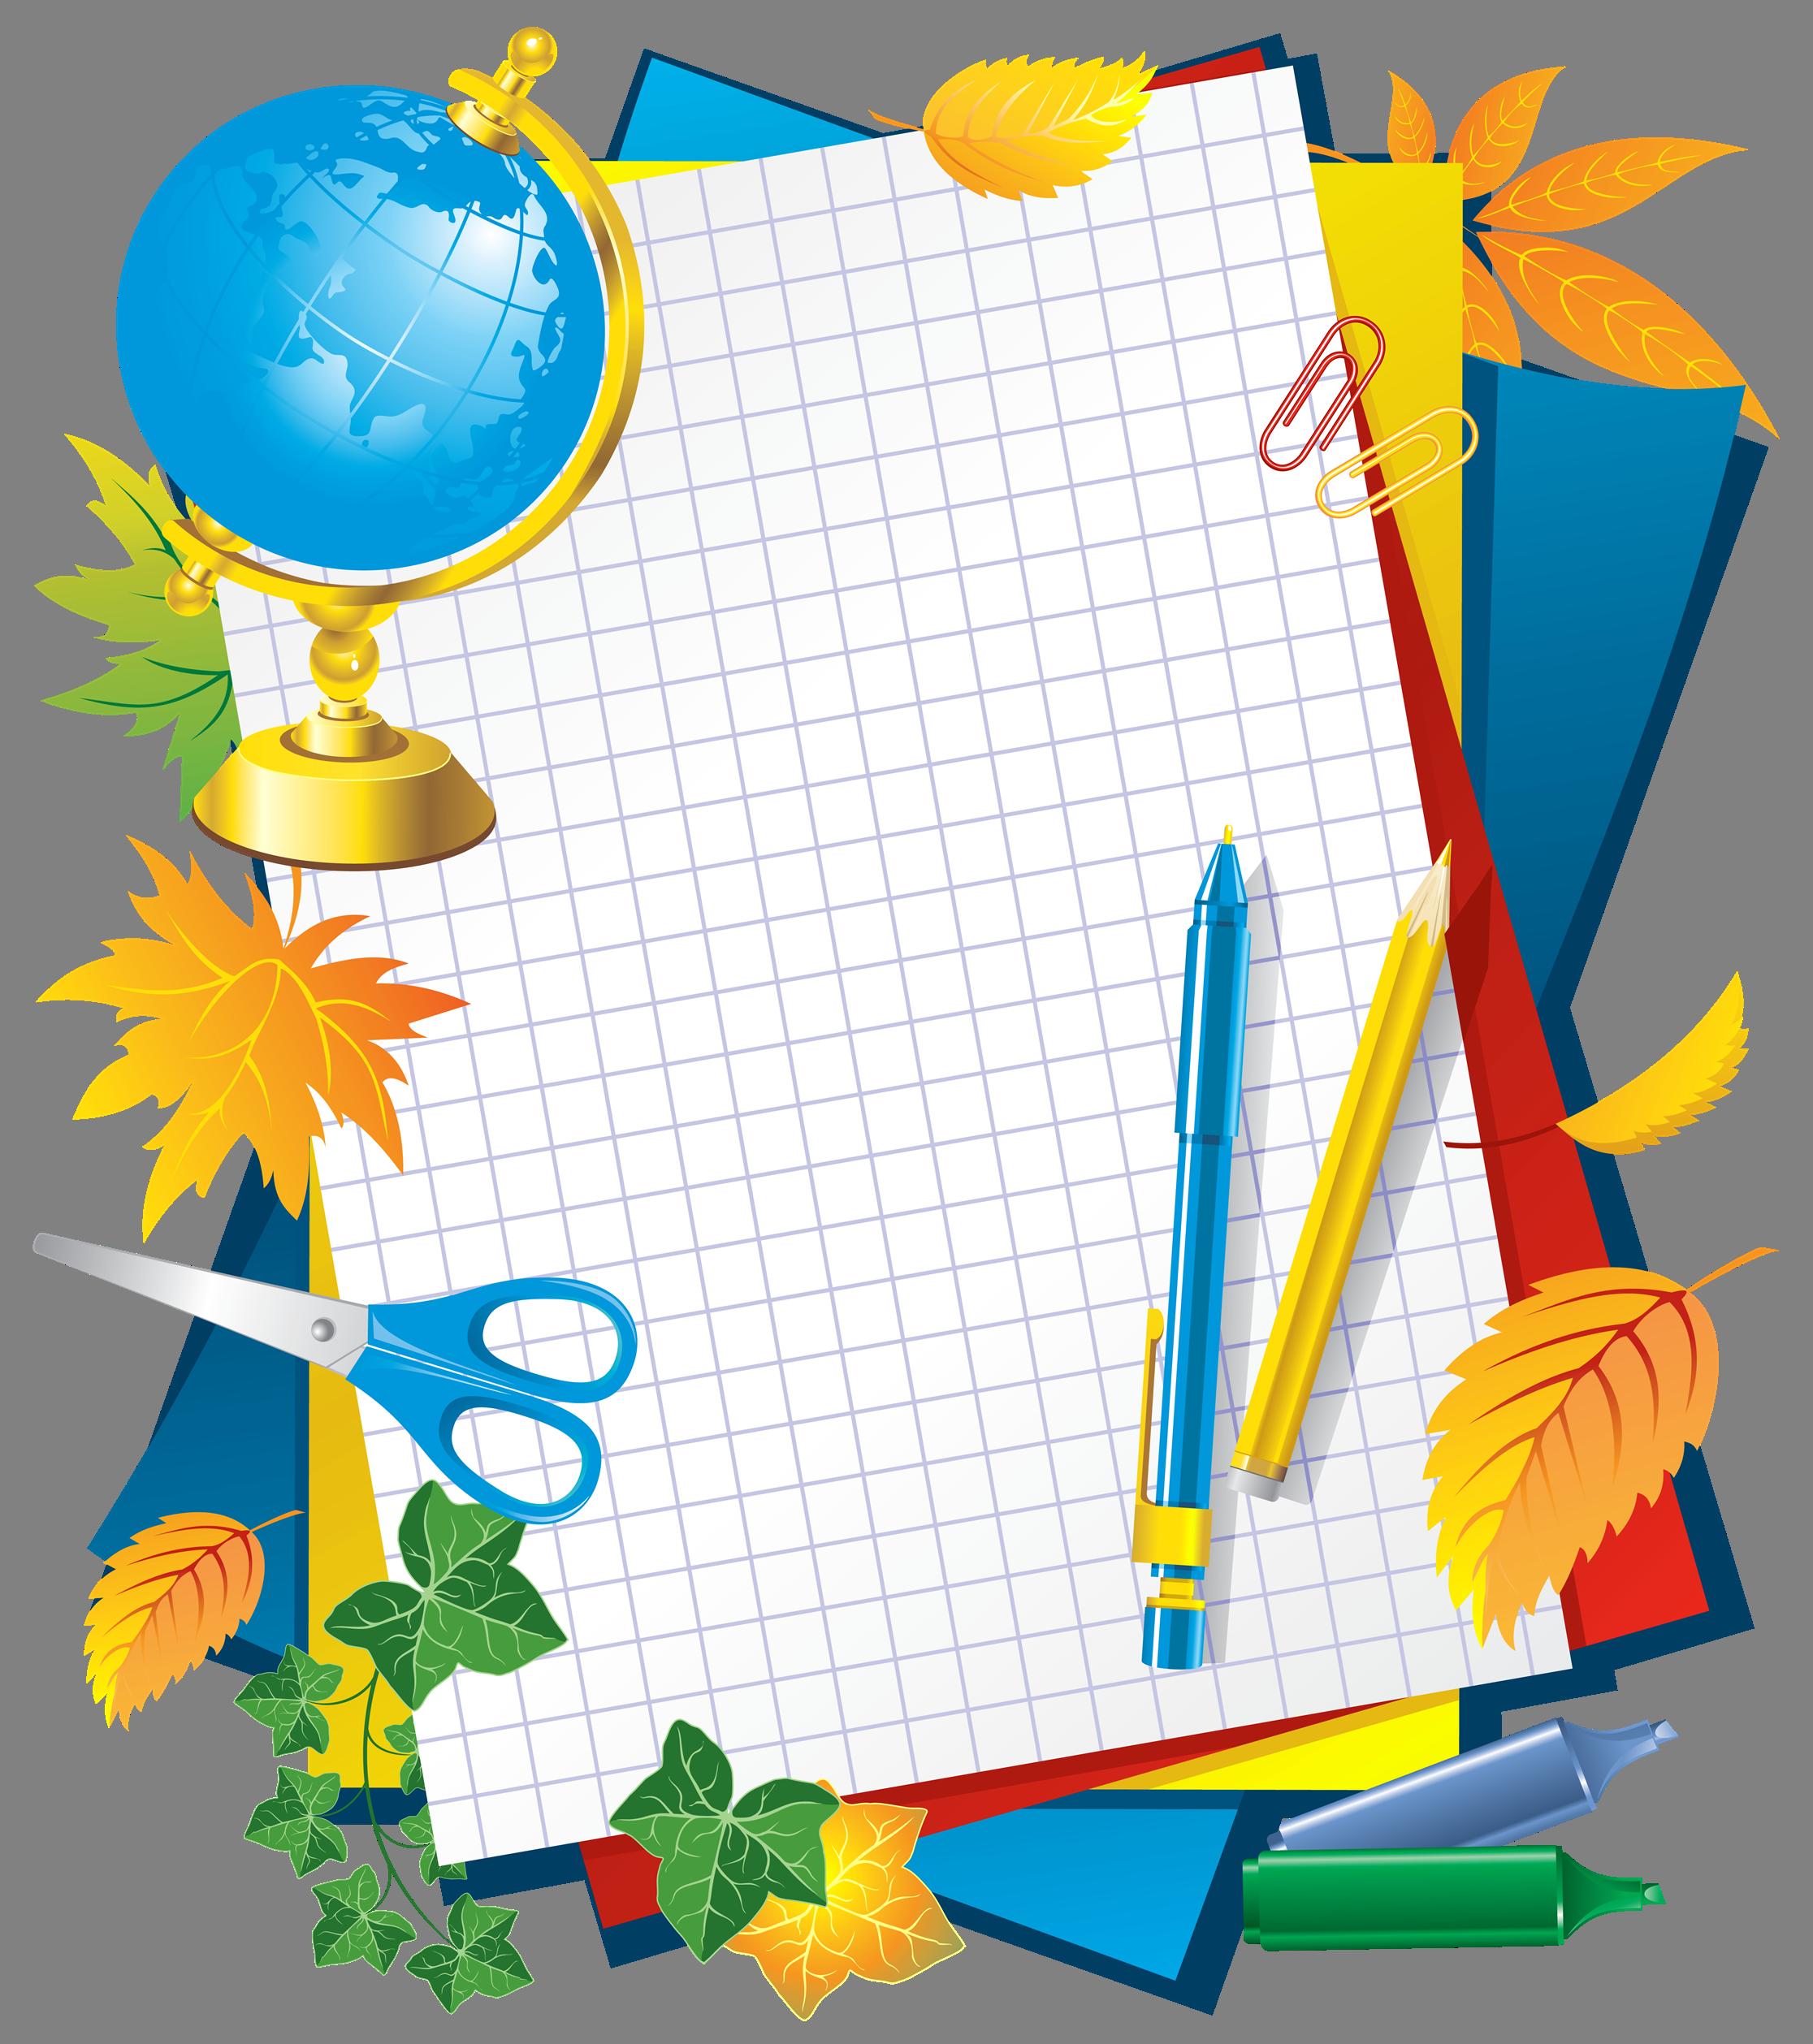 Статусы картинках, школа картинки для оформления презентации